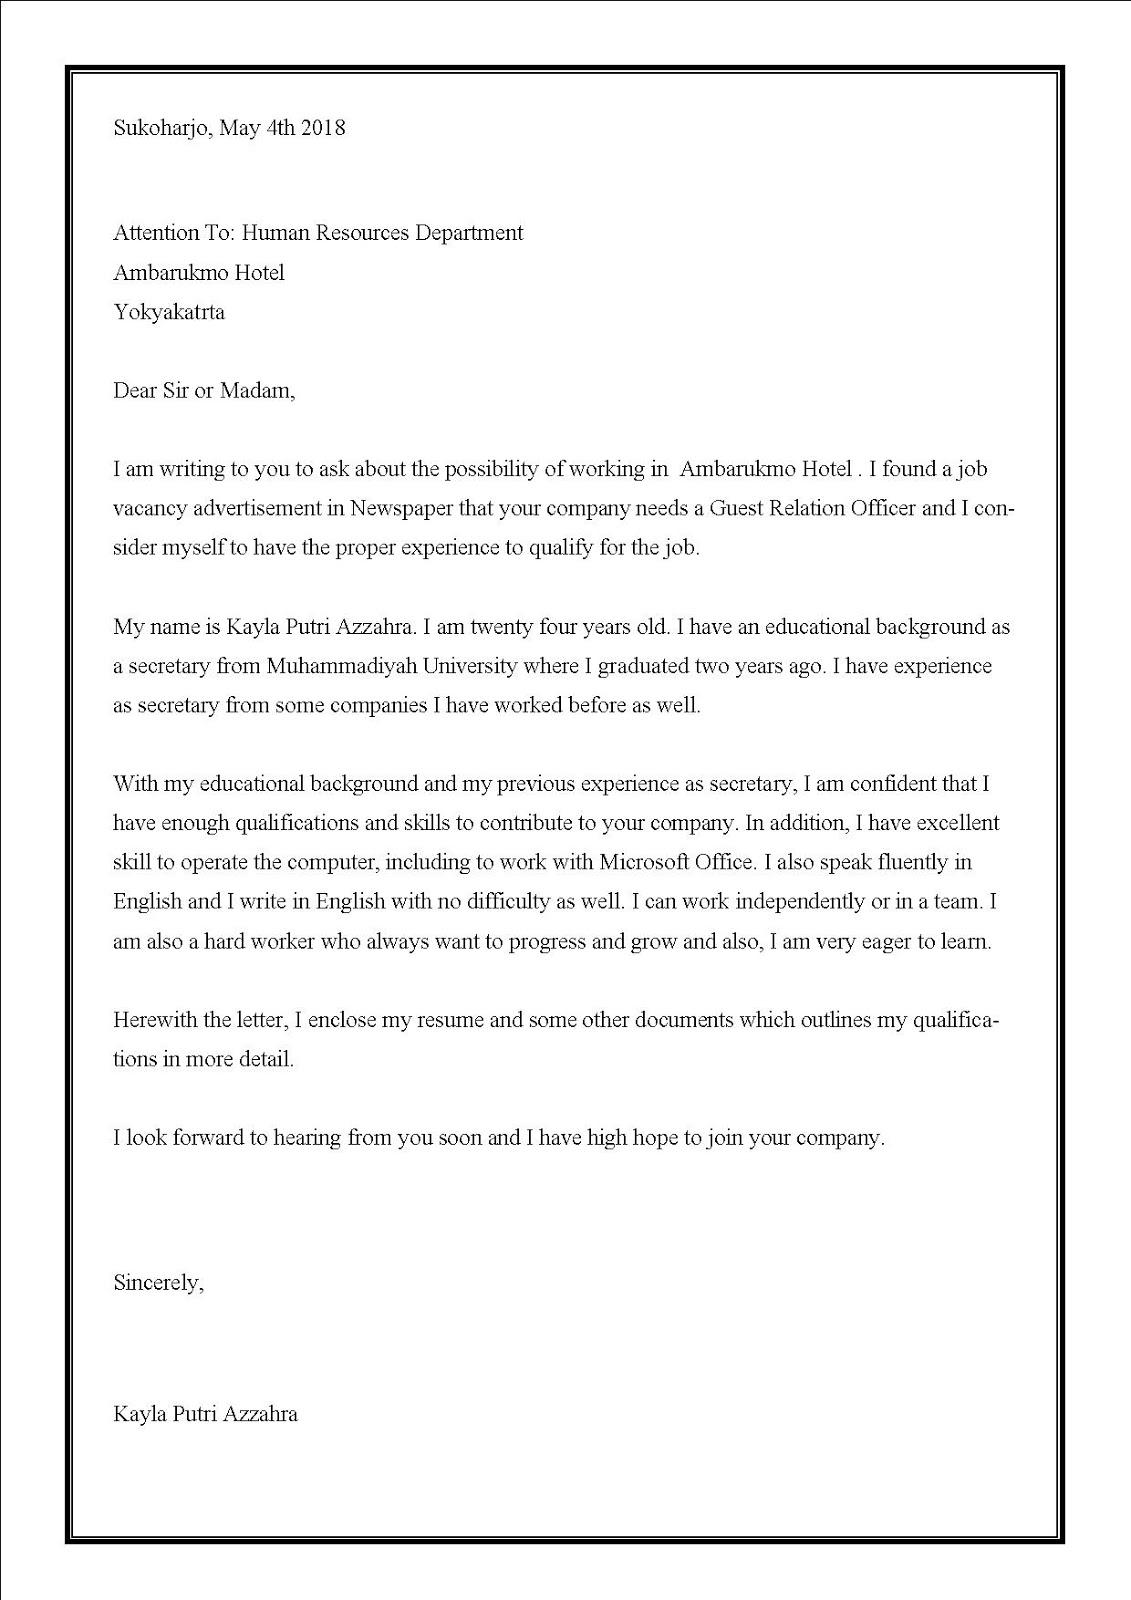 Contoh surat lamaran kerja di hotel menggunakan bahasa Inggris sebagai Guest Relation Officer